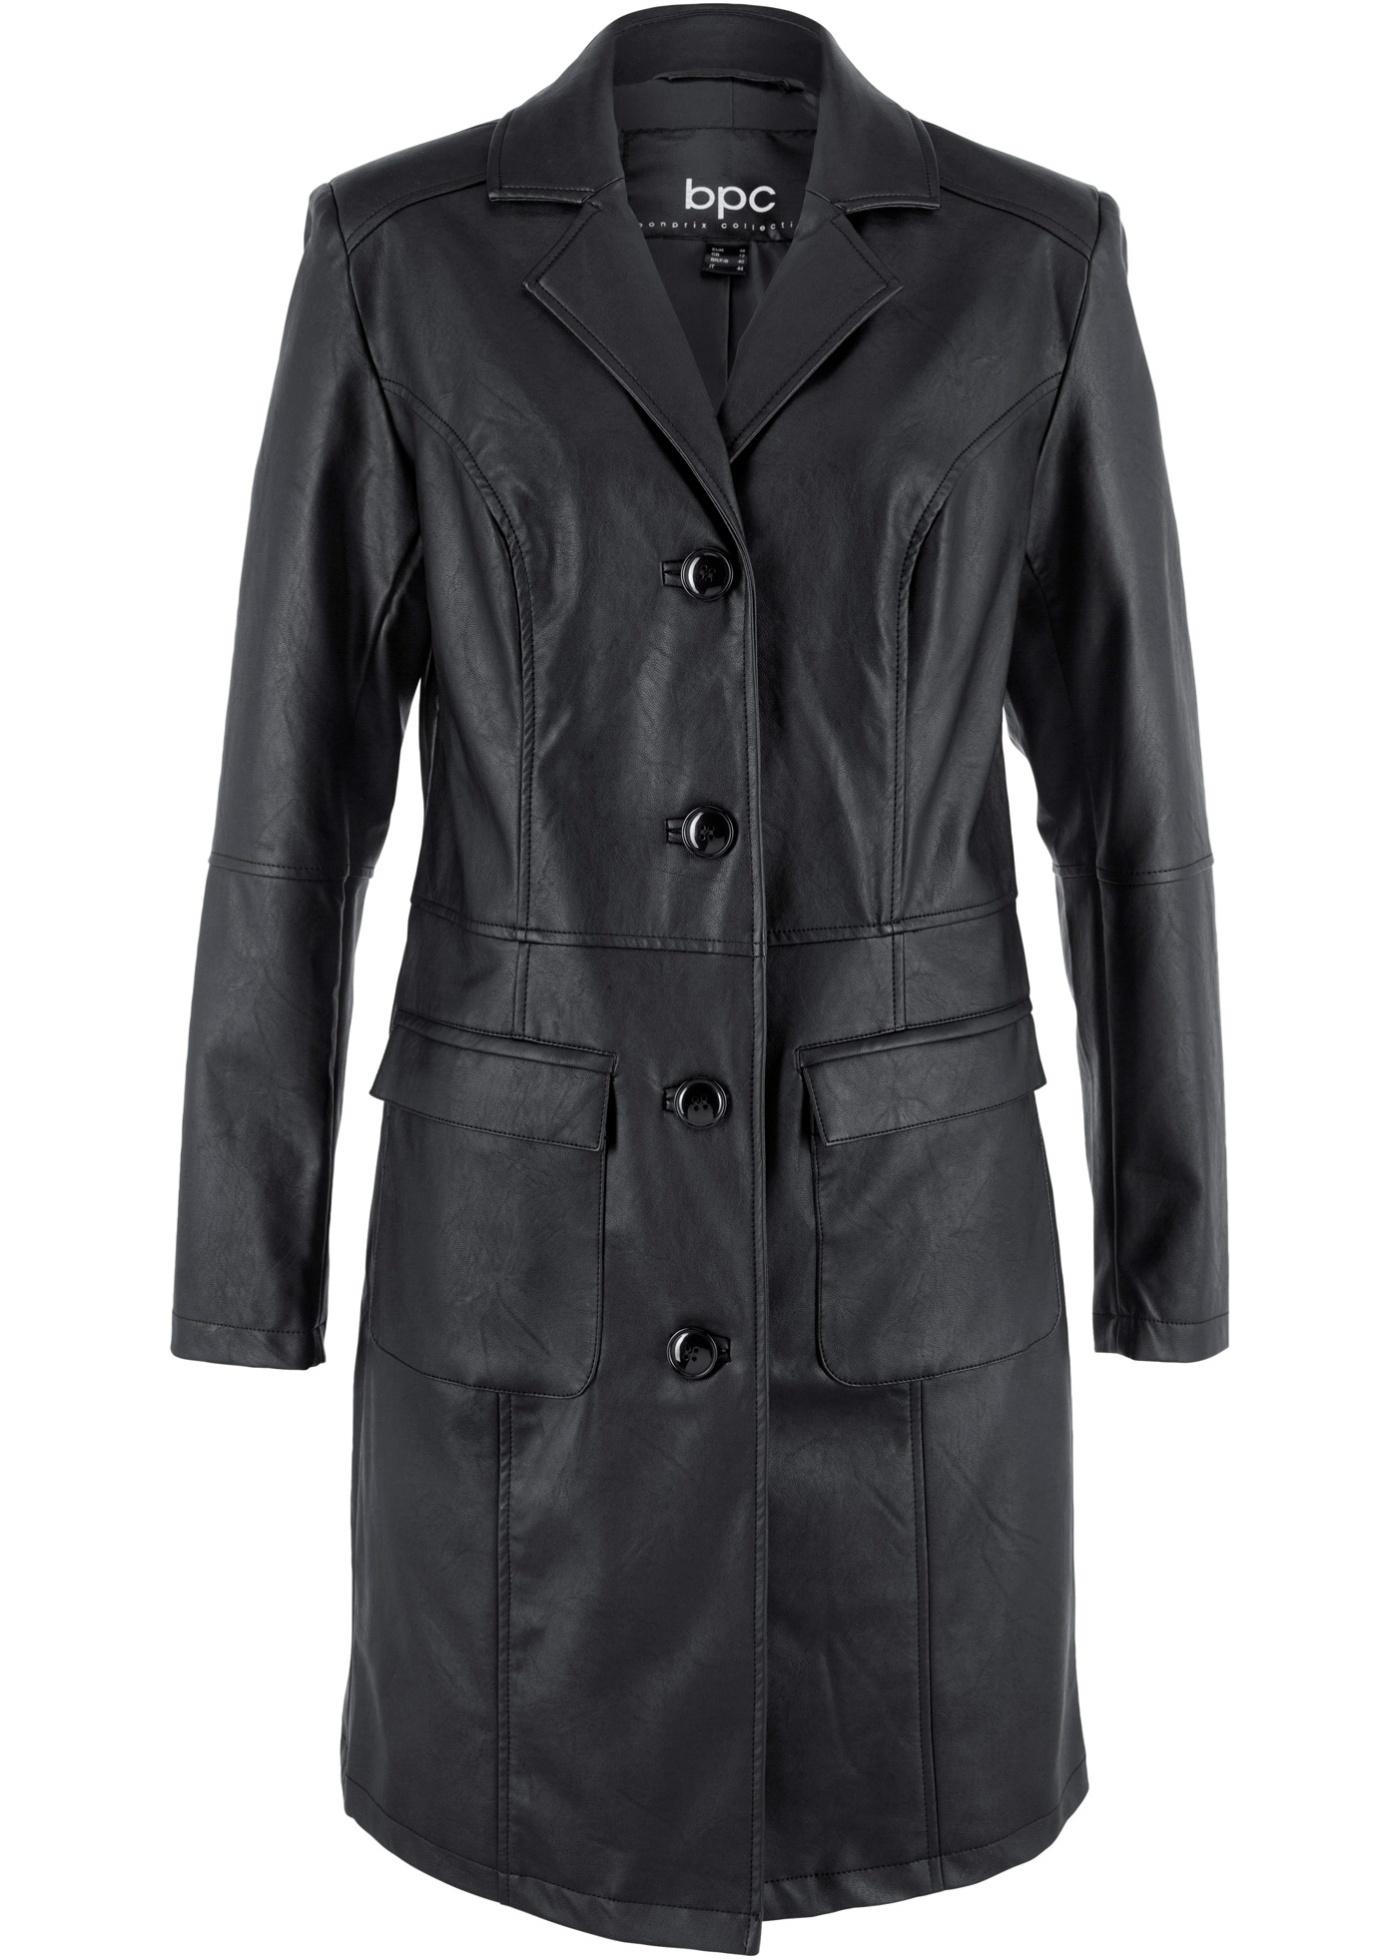 Manteau synthétique imitation cuir avec revers, cintré